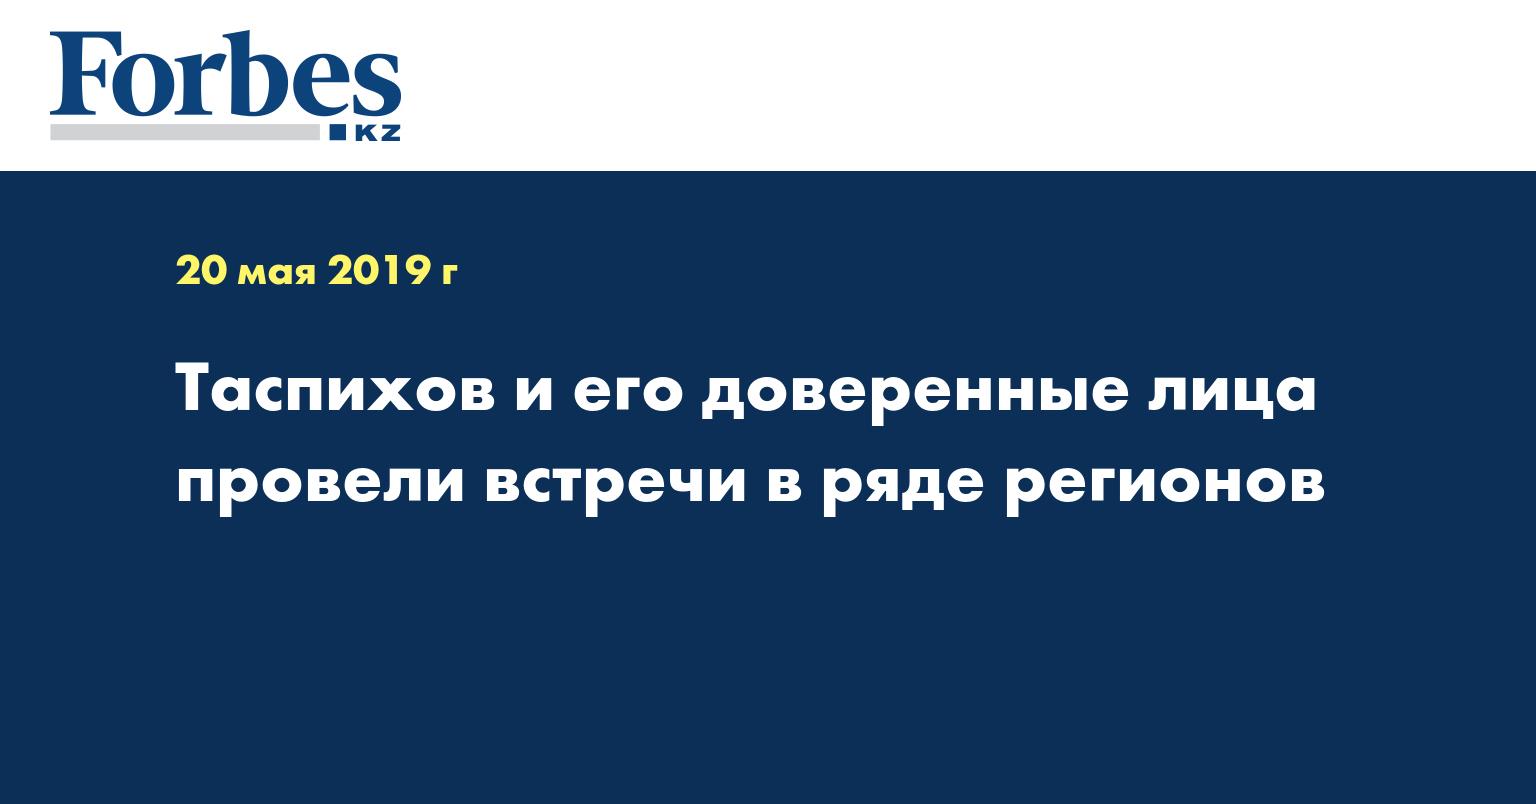 Таспихов и его доверенные лица провели встречи в ряде регионов